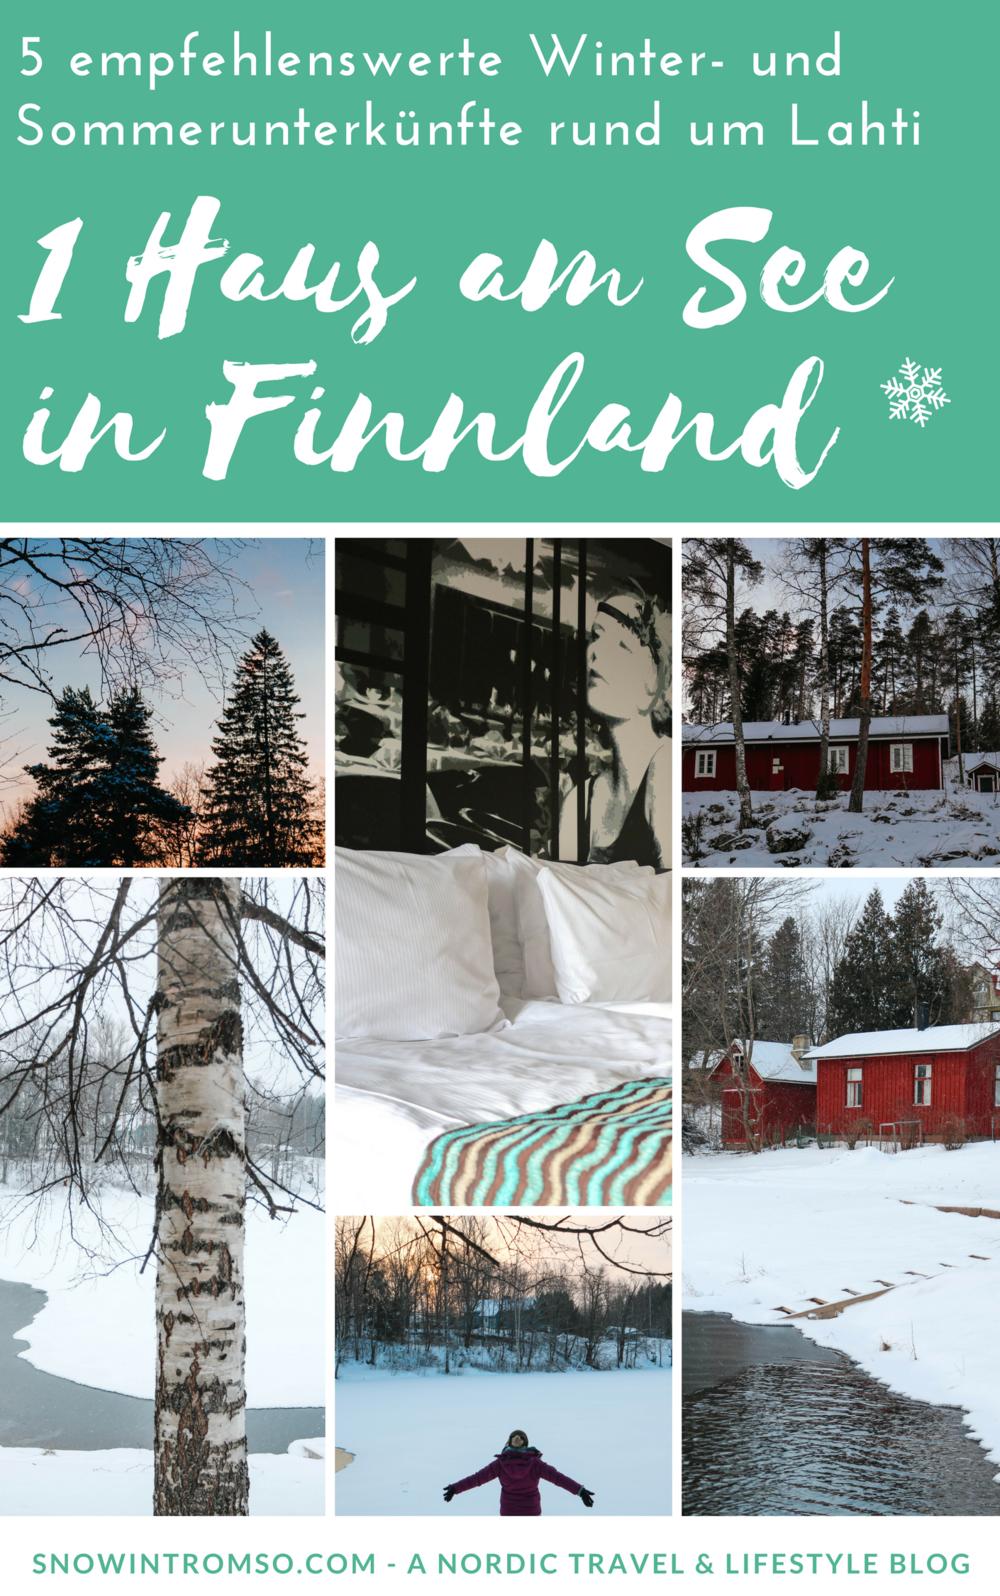 Zieht es dich im Sommer in ein Haus am See in Finnland? Hier sind 5 Unterkünfte in der Lahti Region, die dir sicher gefallen!